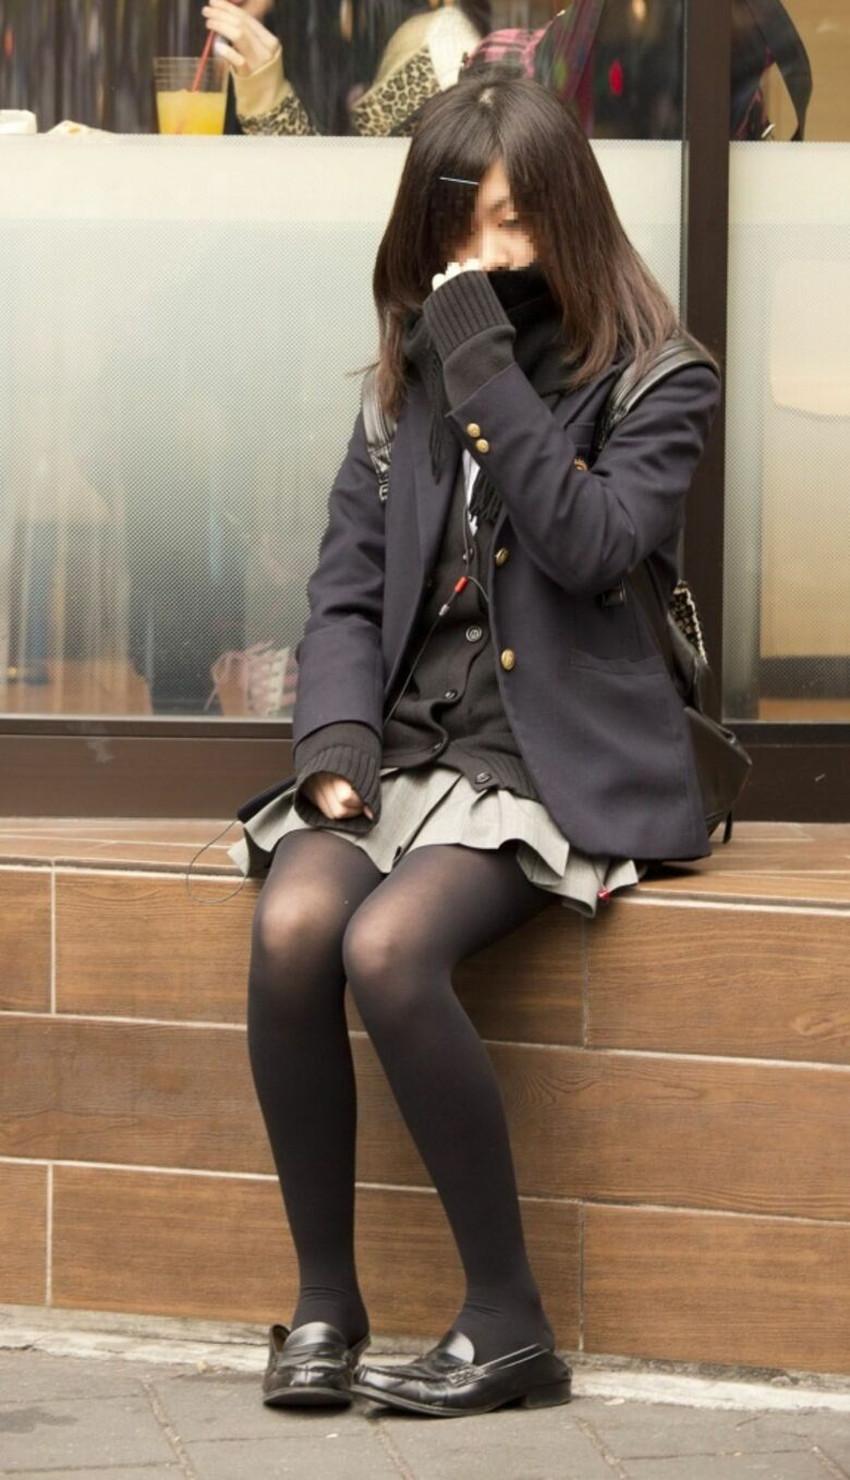 【黒タイツJKエロ画像】秋冬は黒タイツJKのストッキング越しパンチラを拝むに限る!黒タイツJKのエロ画像集w【80枚】 62